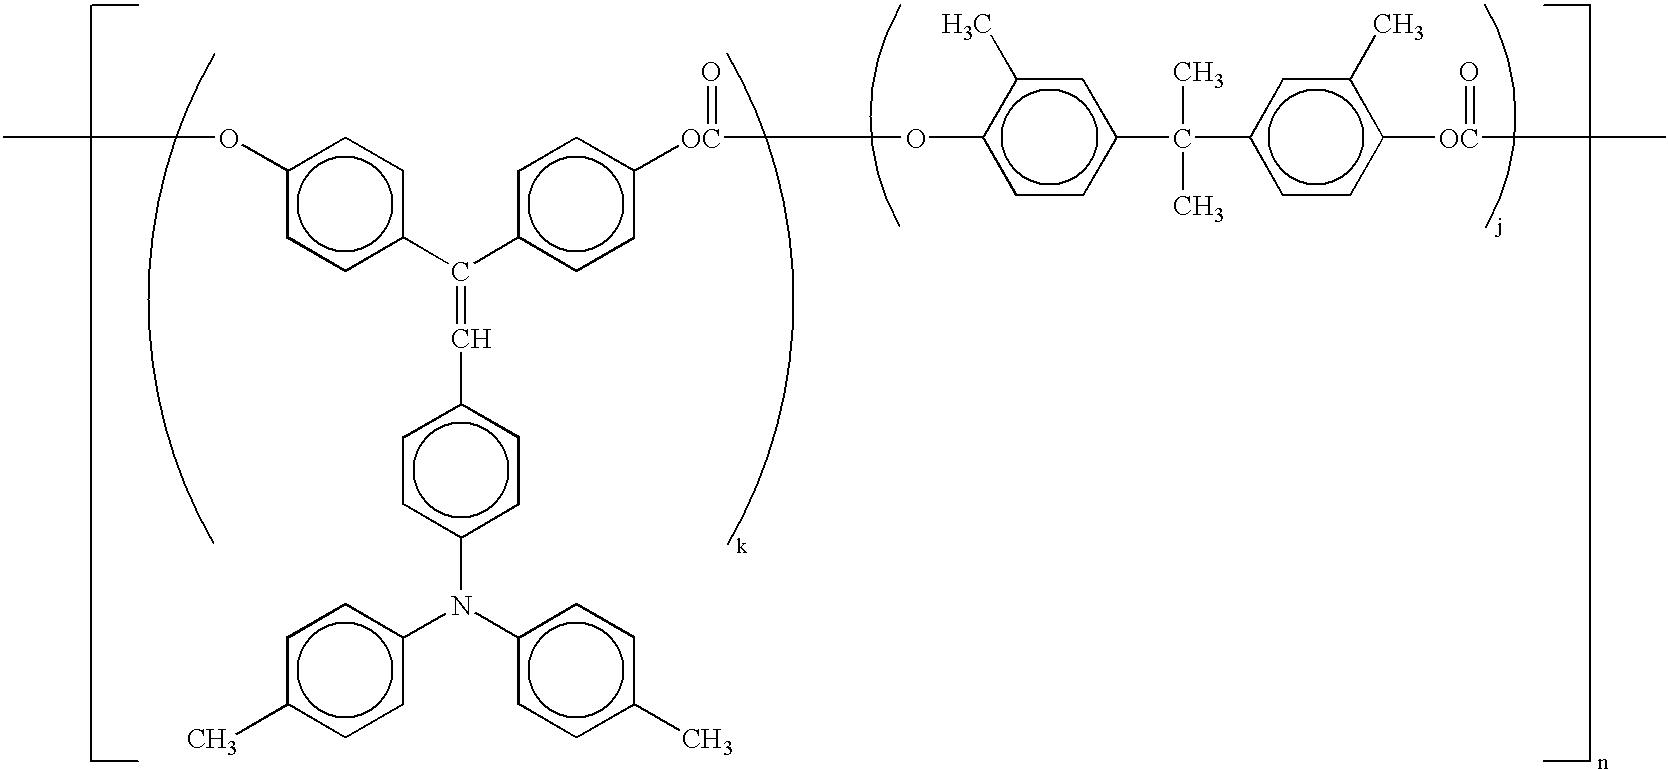 Figure US06939651-20050906-C00026